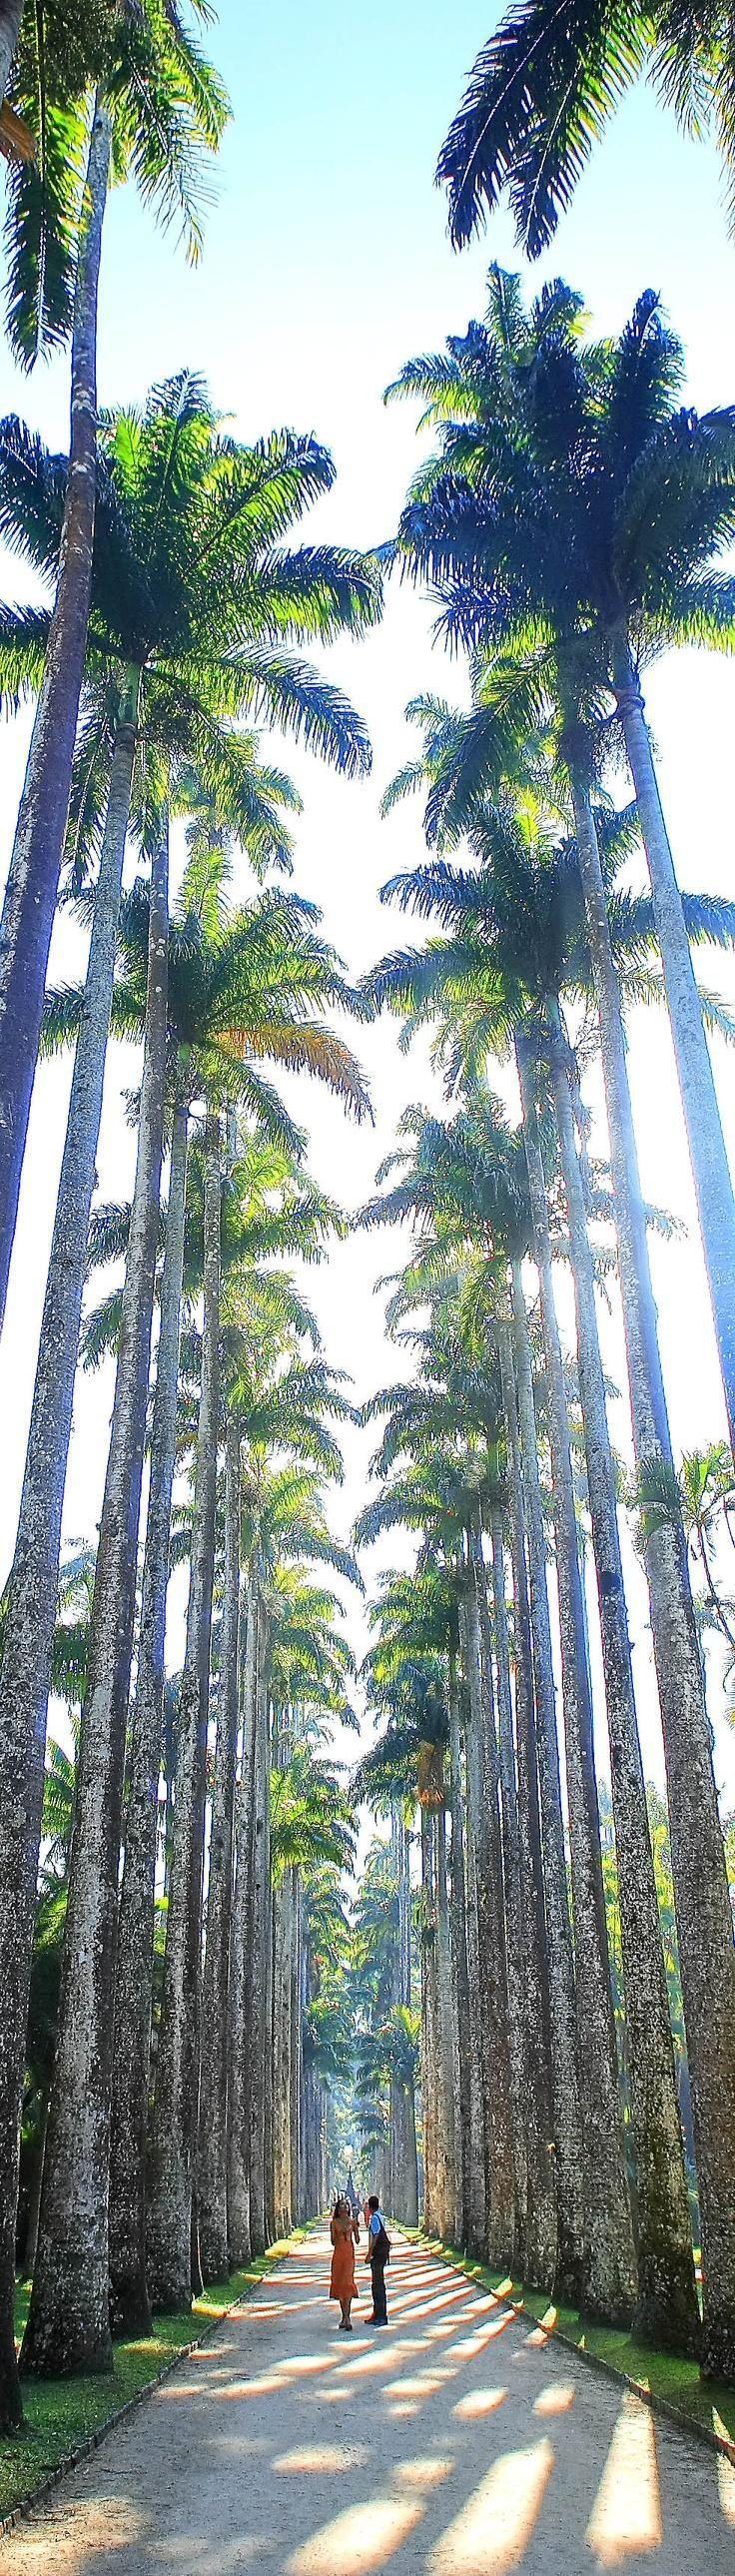 Jardim Botânico in Rio de Janeiro. Even more beautiful in person!